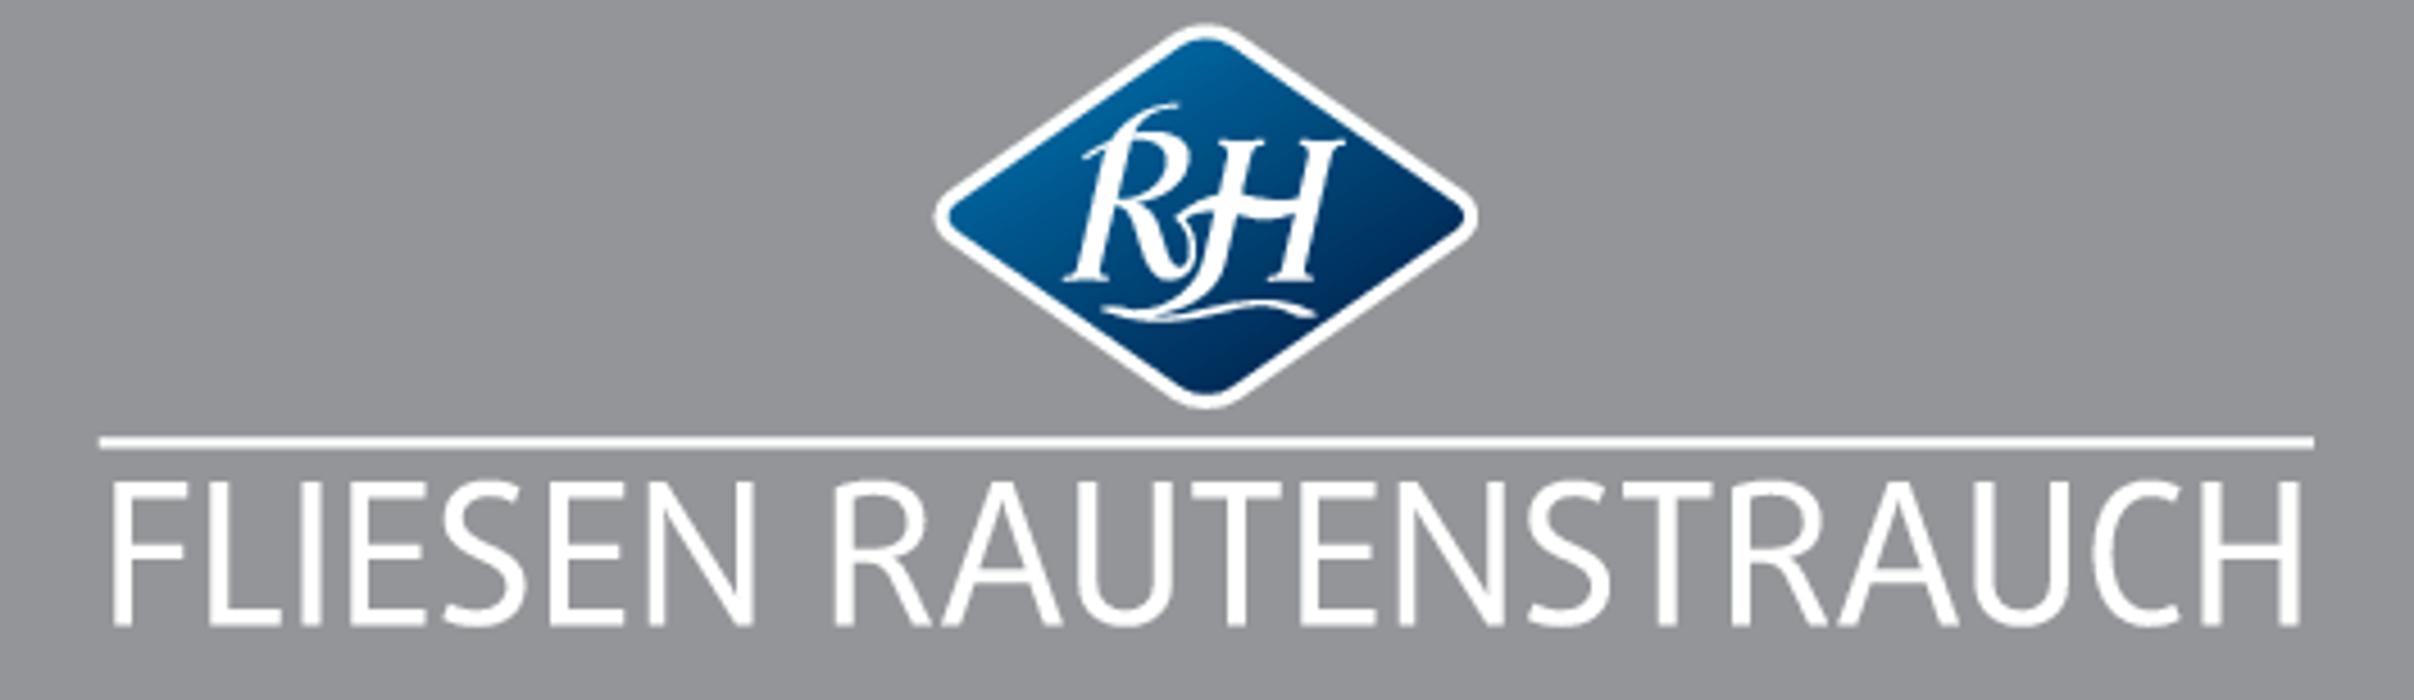 Bild zu RH Fliesen Rautenstrauch GmbH in Friedberg in Bayern